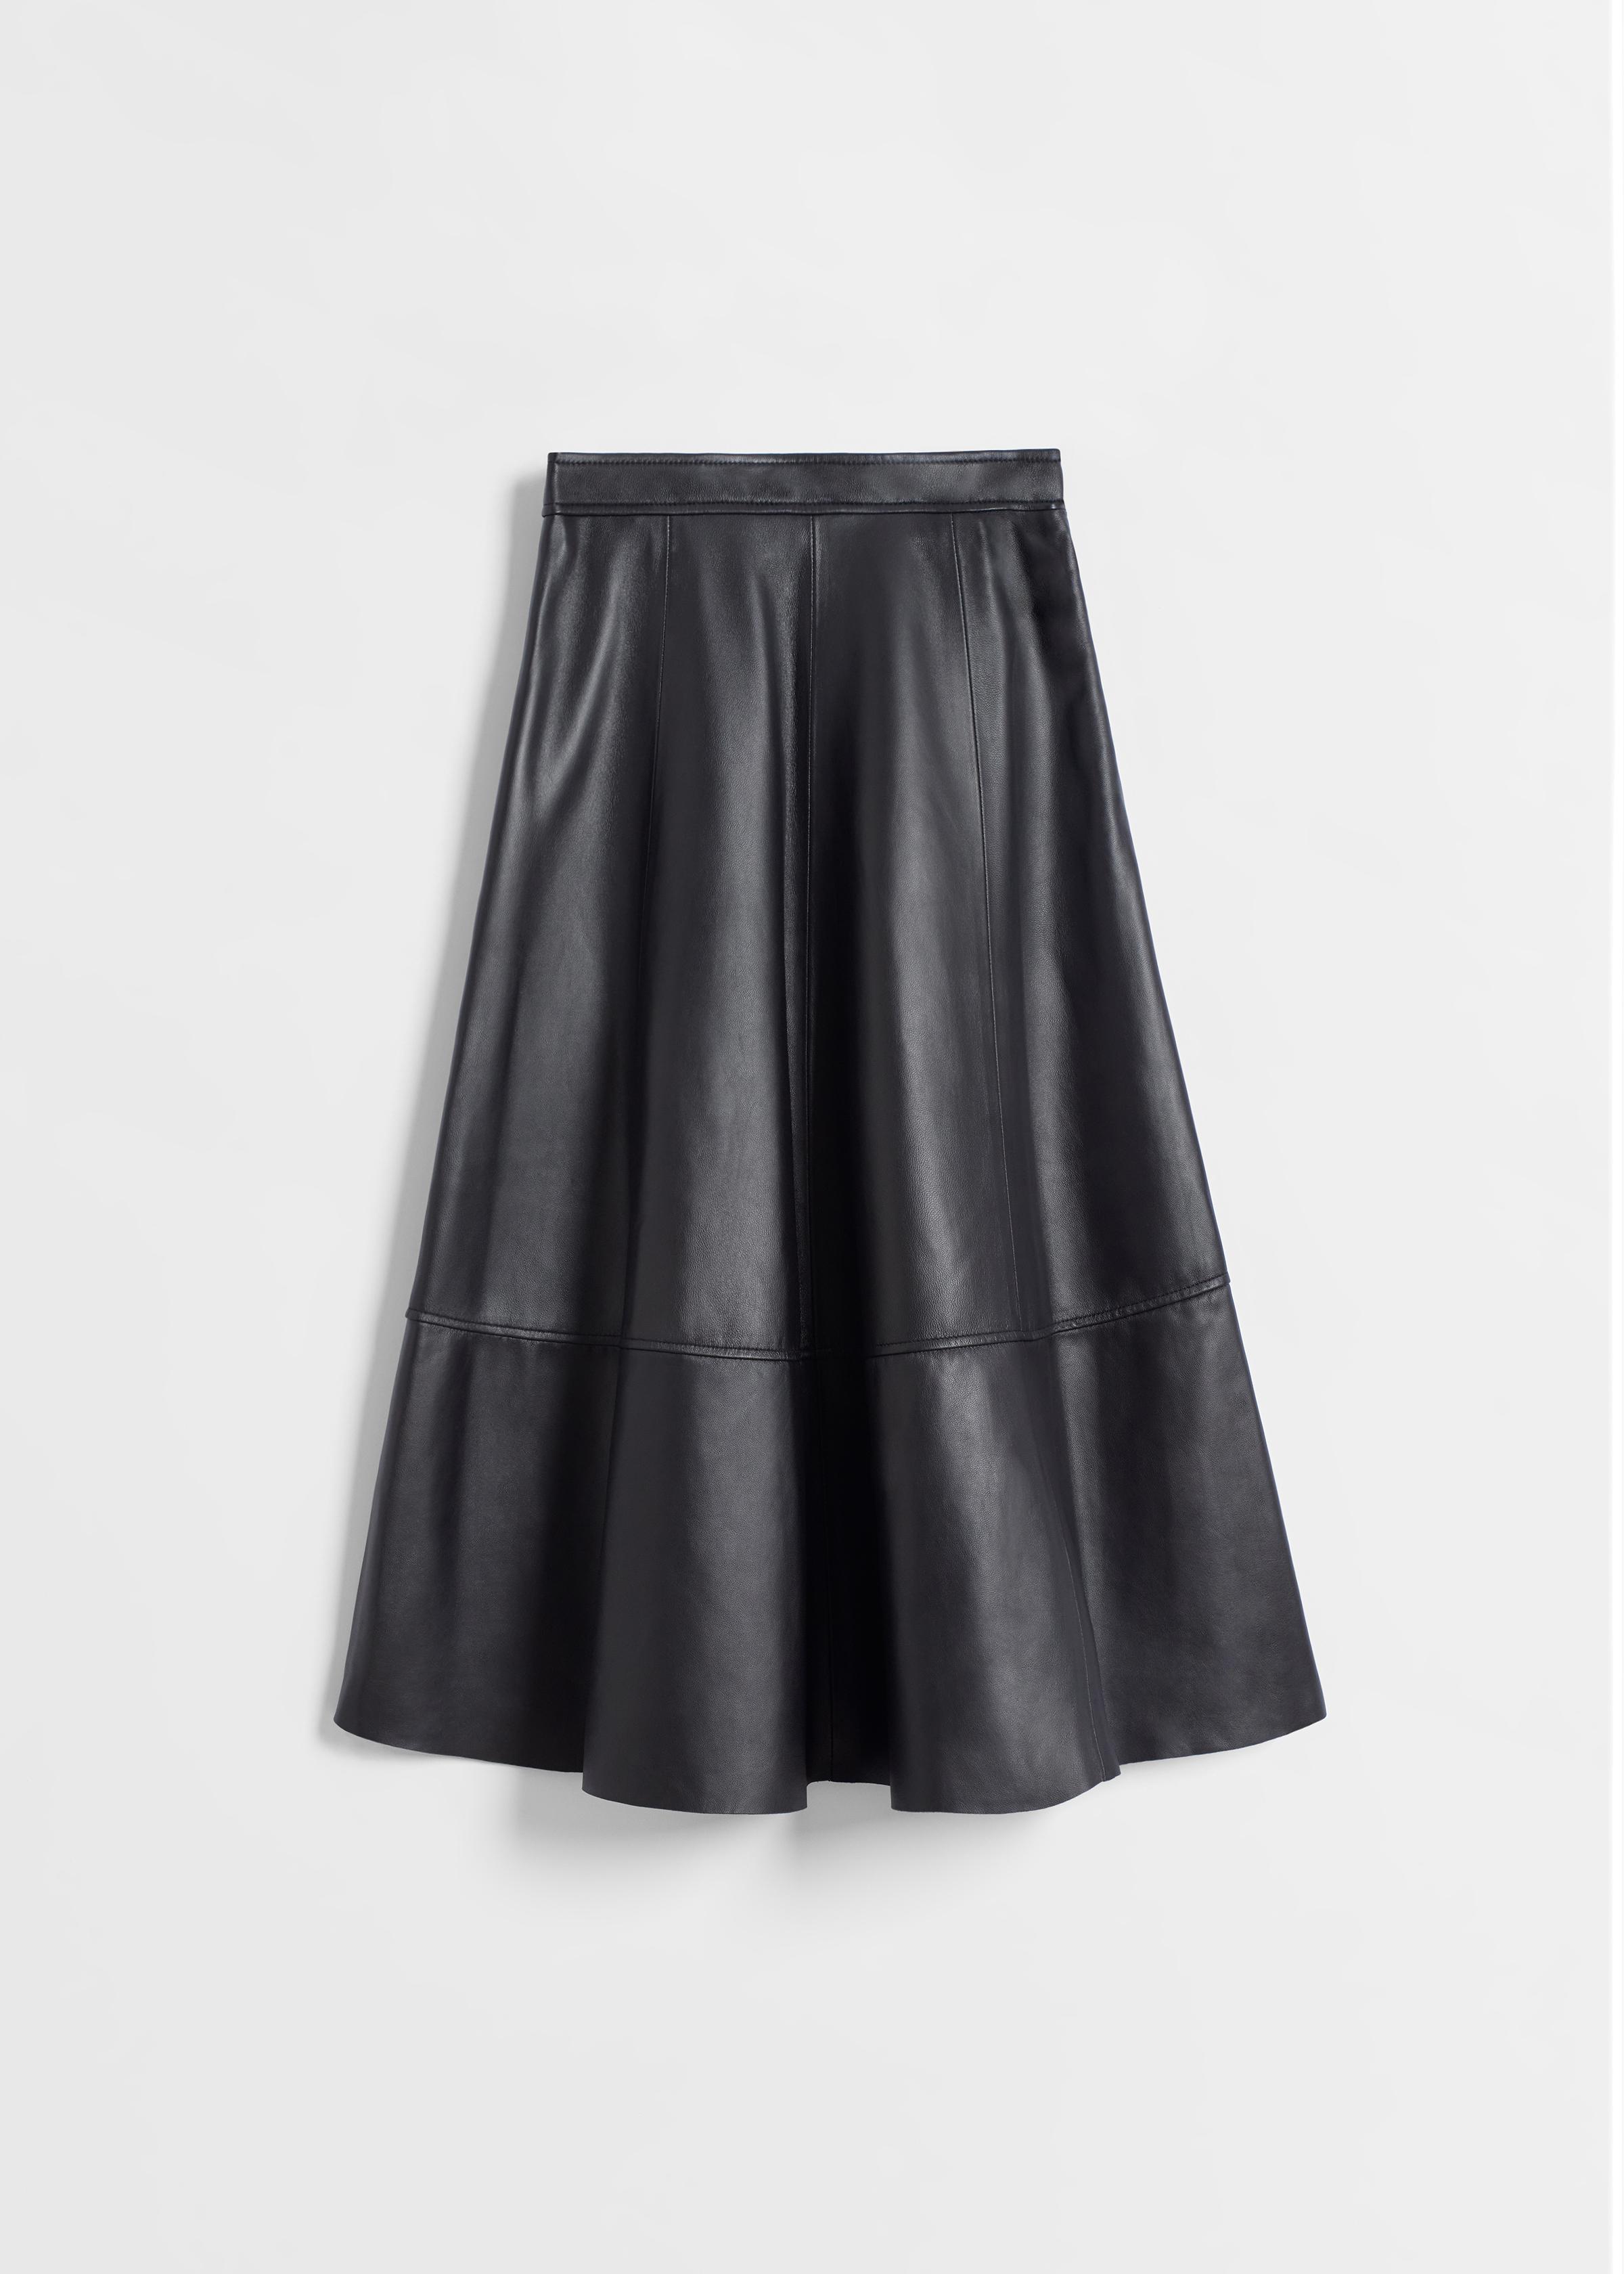 Full Skirt in Leather - Black - CO